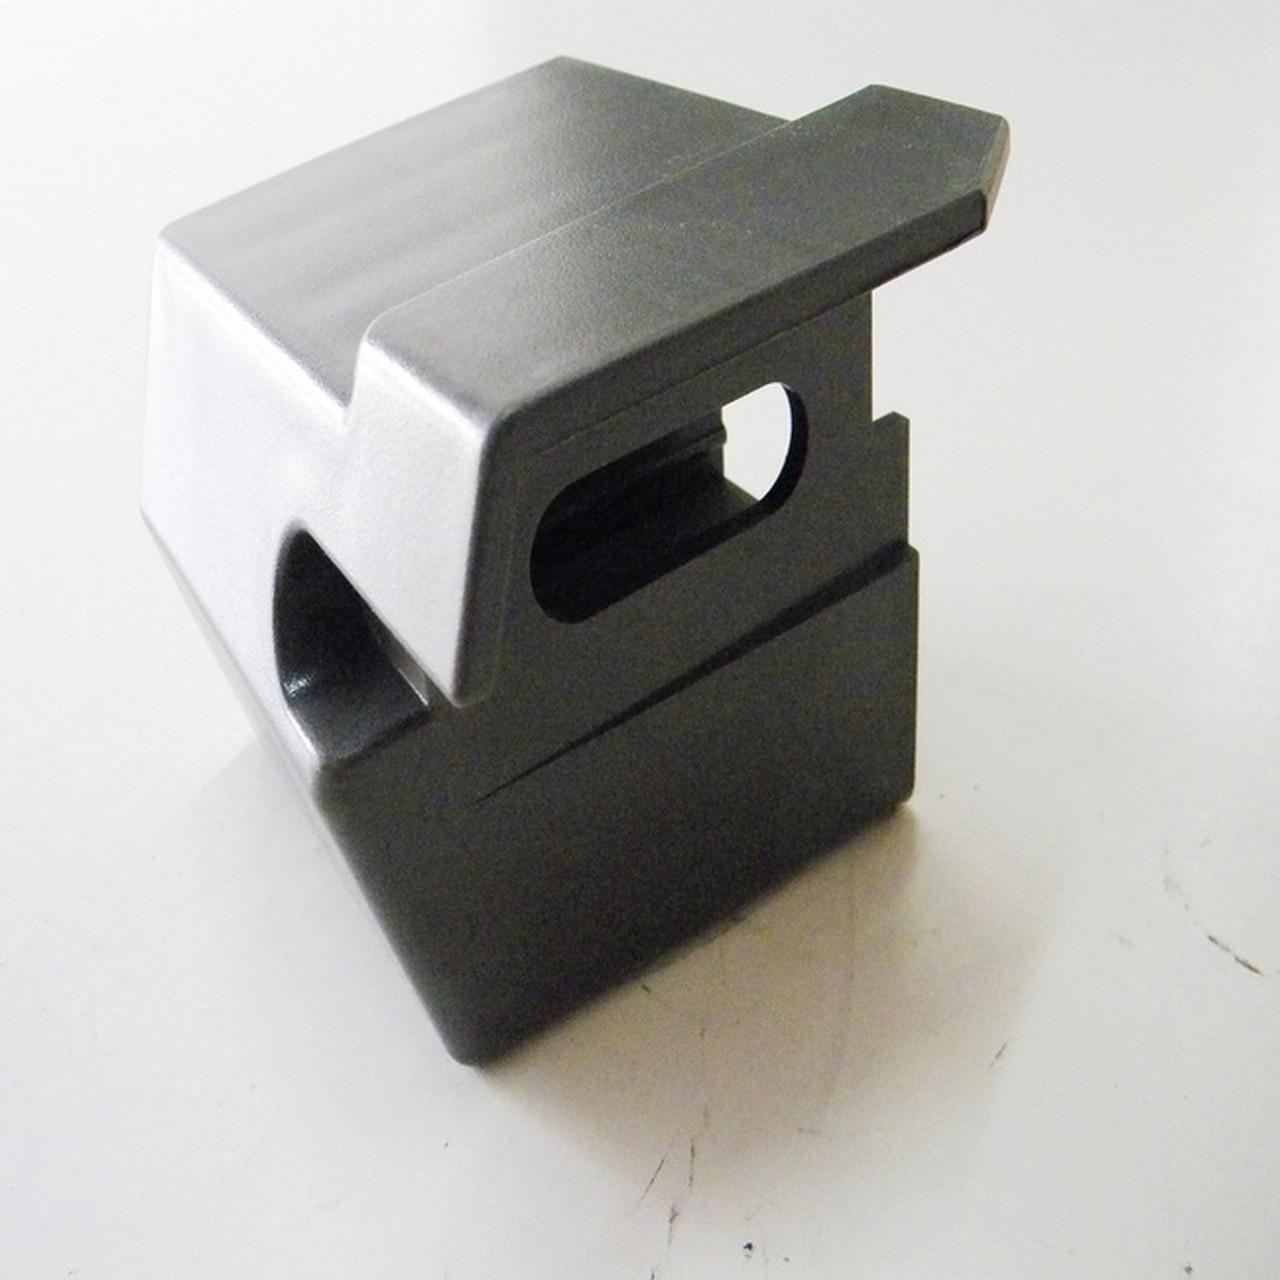 Weslo Treadmill Model WCTL953350 CROSSWALK 365e Left End Cap Part Number 186905